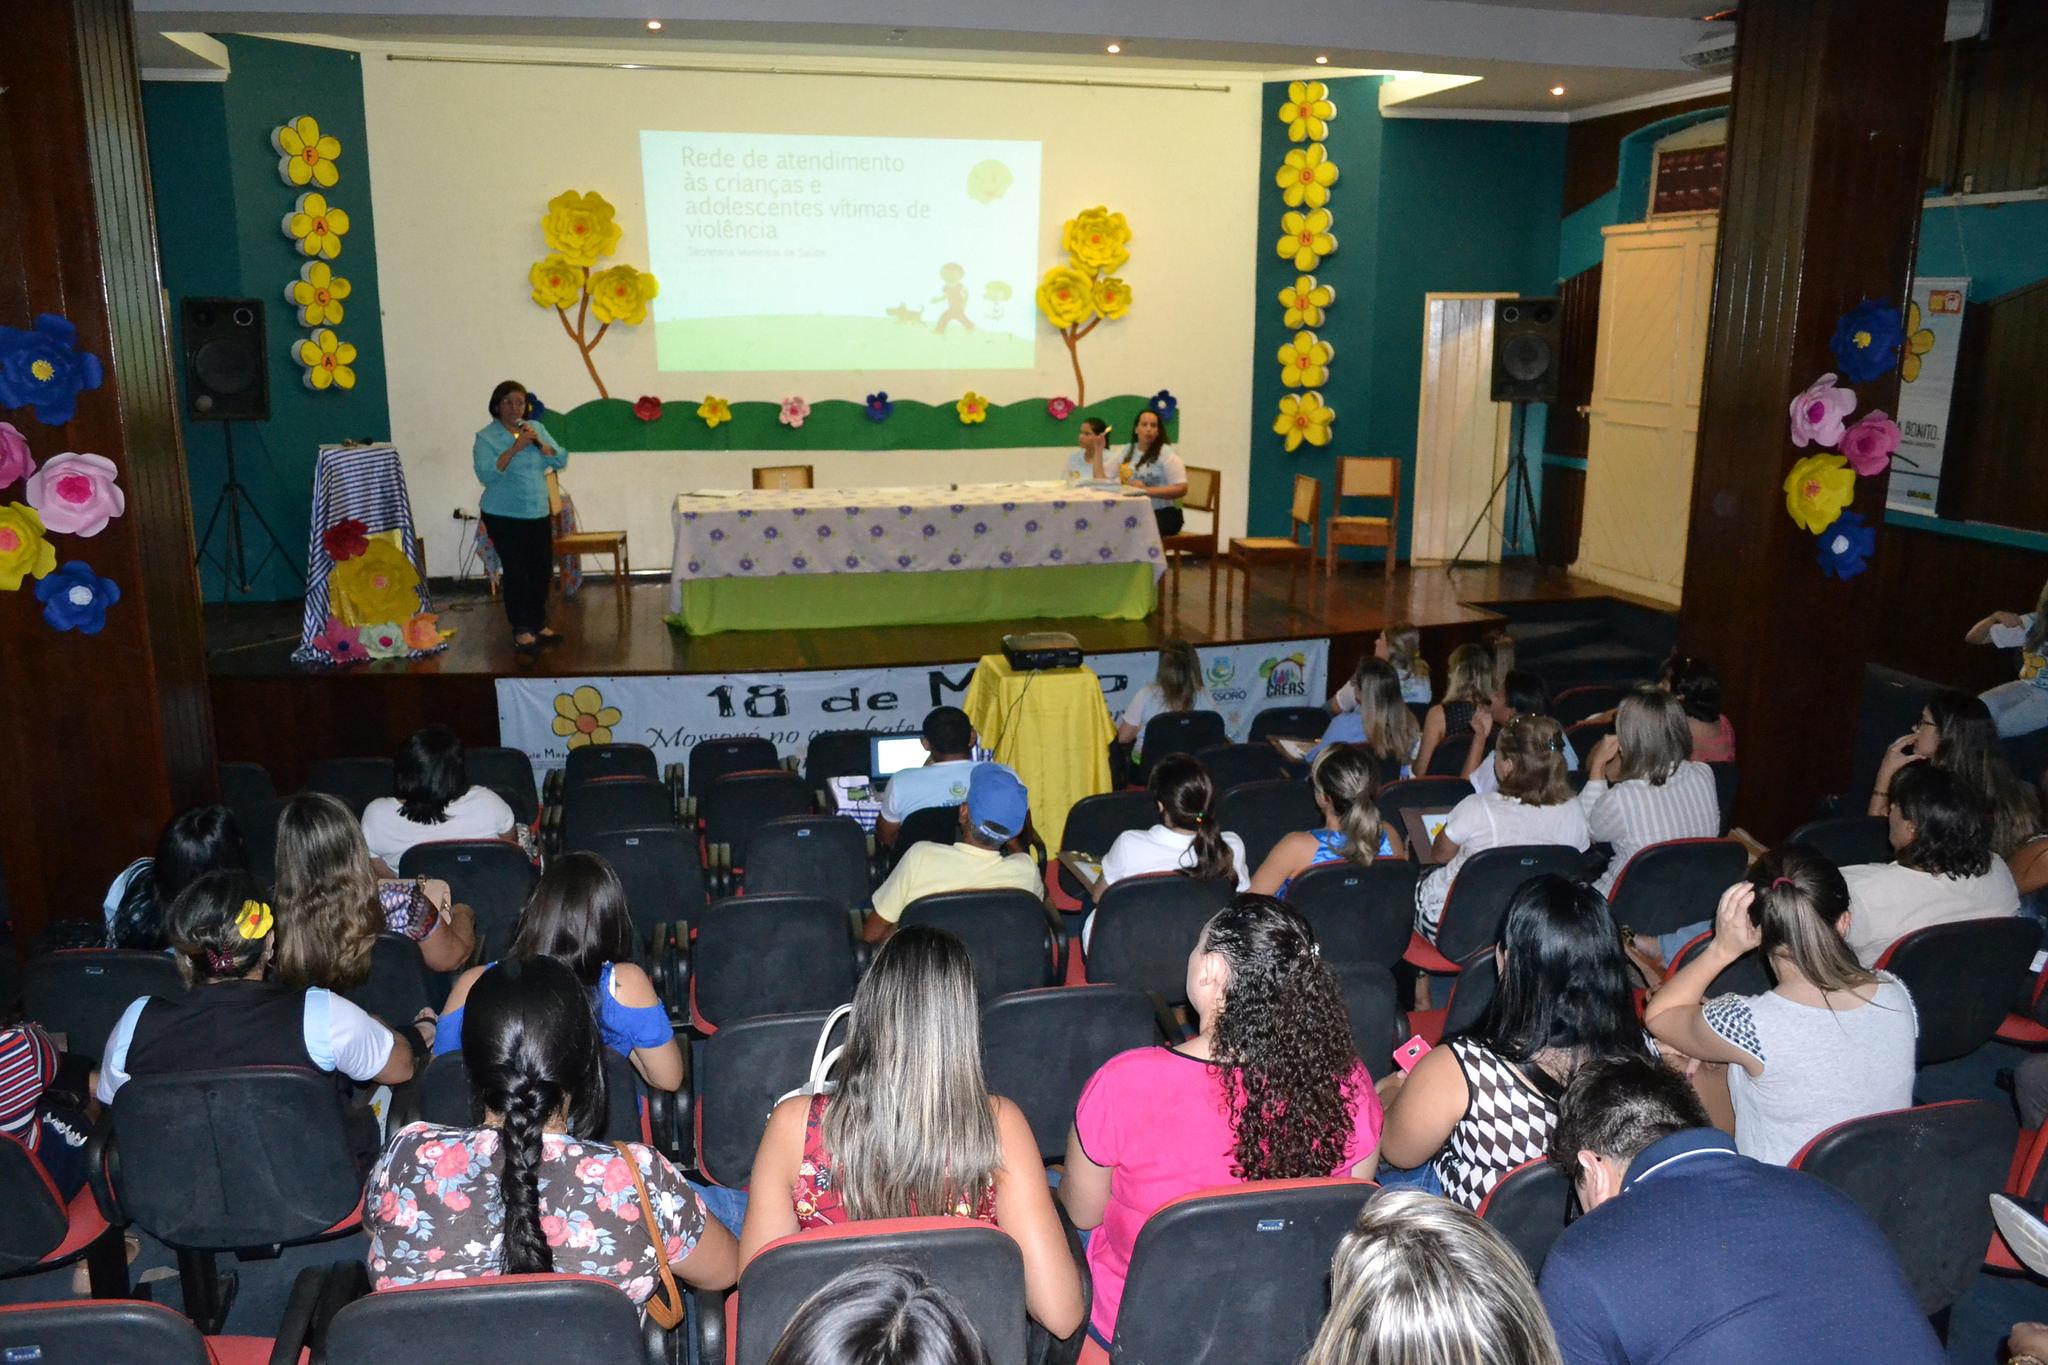 Secretarias se unem no combate ao abuso e à exploração sexual contra crianças e adolescentes